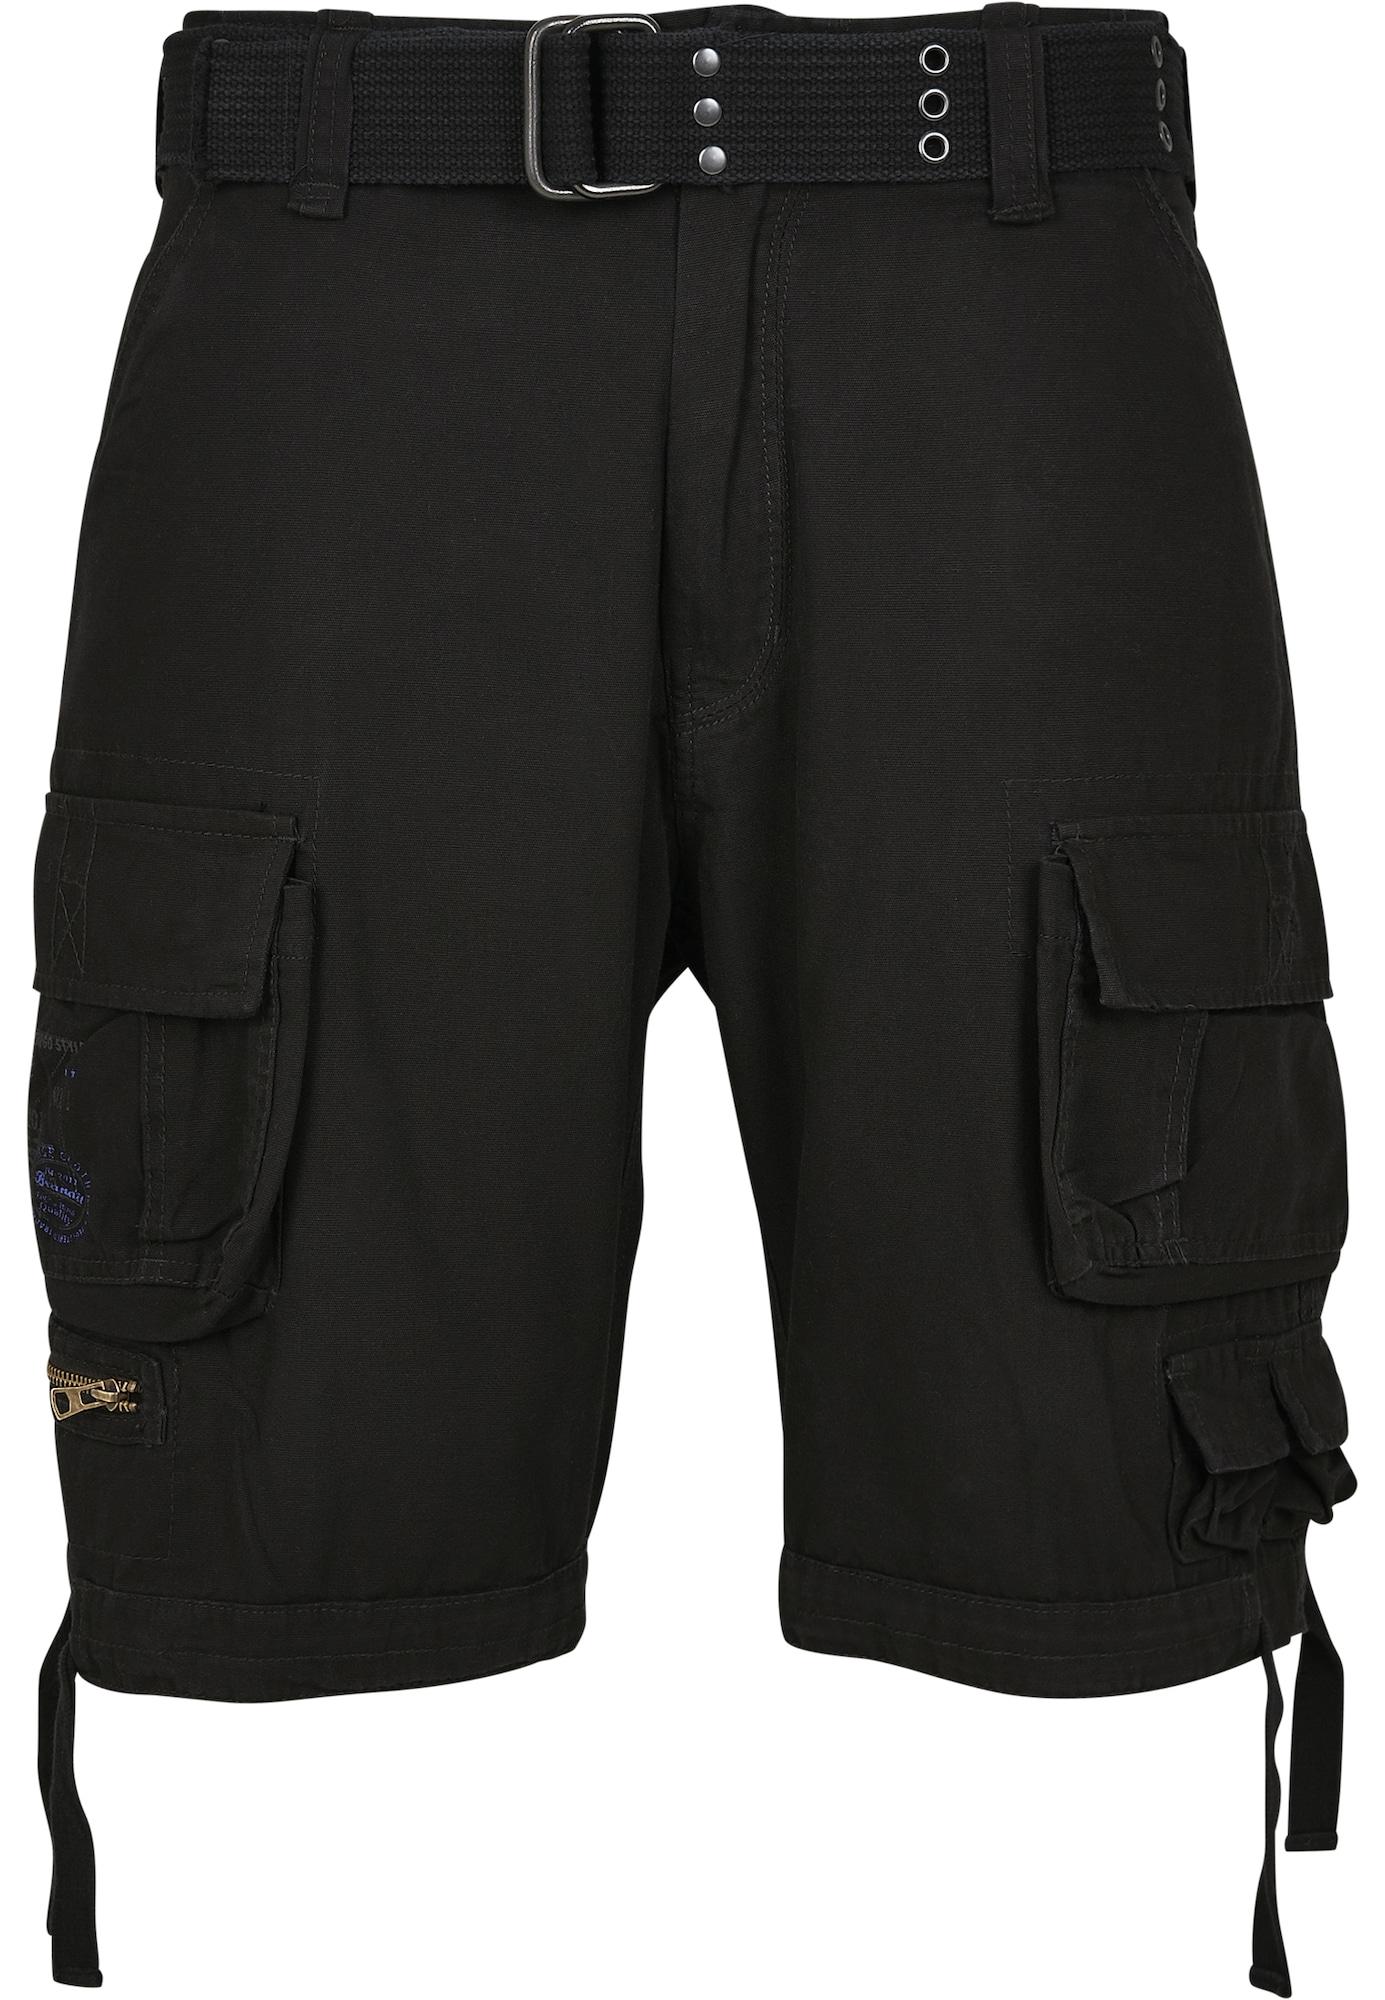 Brandit Laisvo stiliaus kelnės 'Savage' juoda